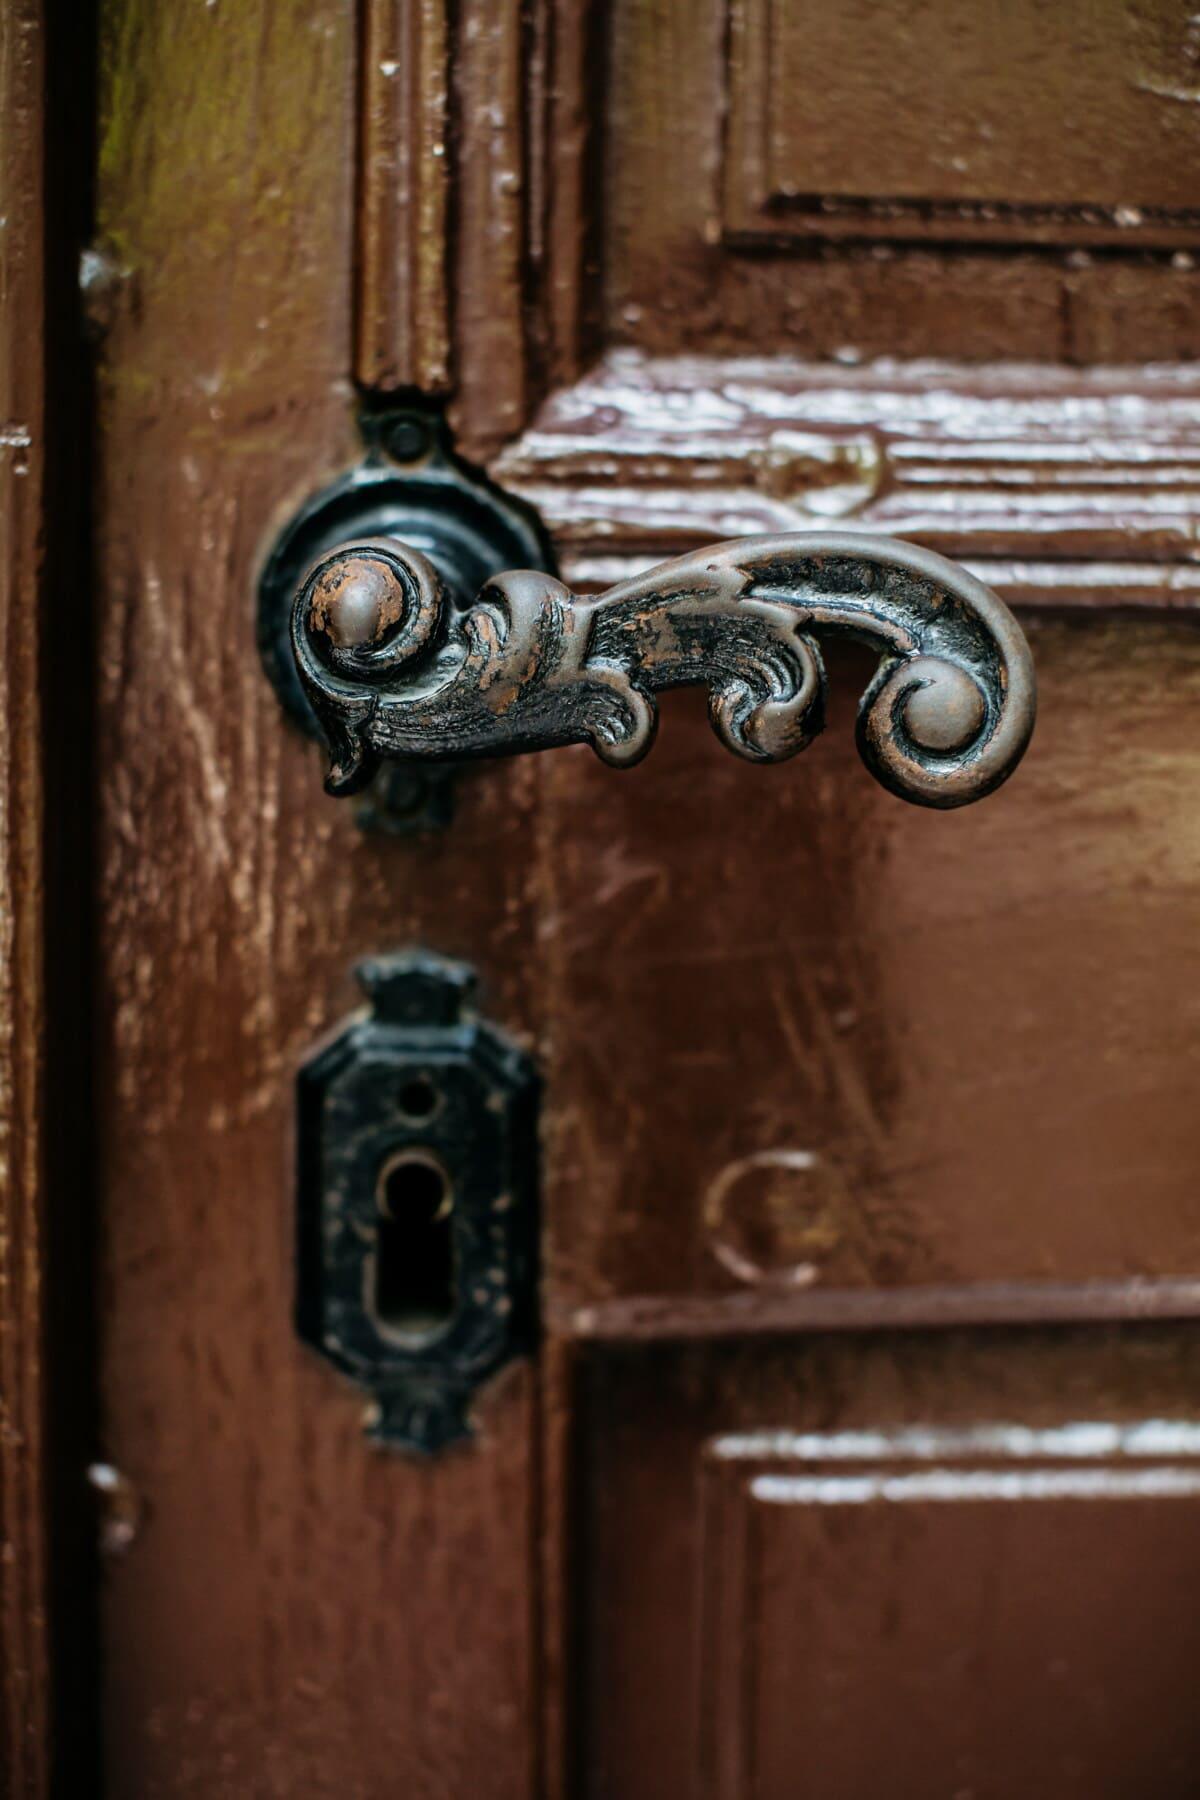 Antique, gaura cheii, lucrate manual, din fonta, uşa din faţă, ornamentale, maro deschis, detalii, tamplarie, uşă